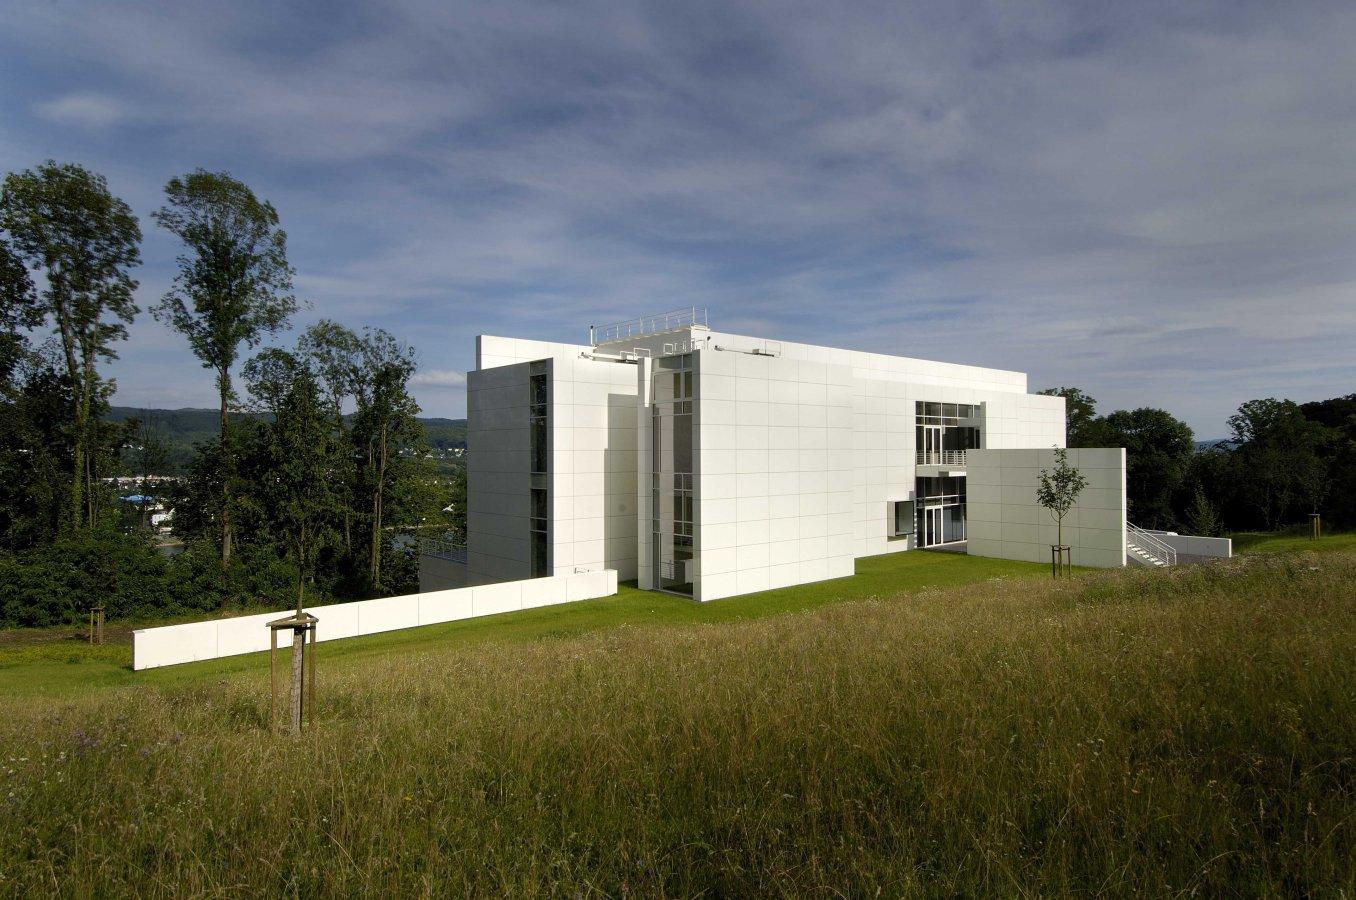 Der Neubau von Richard Meier © Arp Museum Bahnhof Rolandseck, Foto: Wolfgang Morell